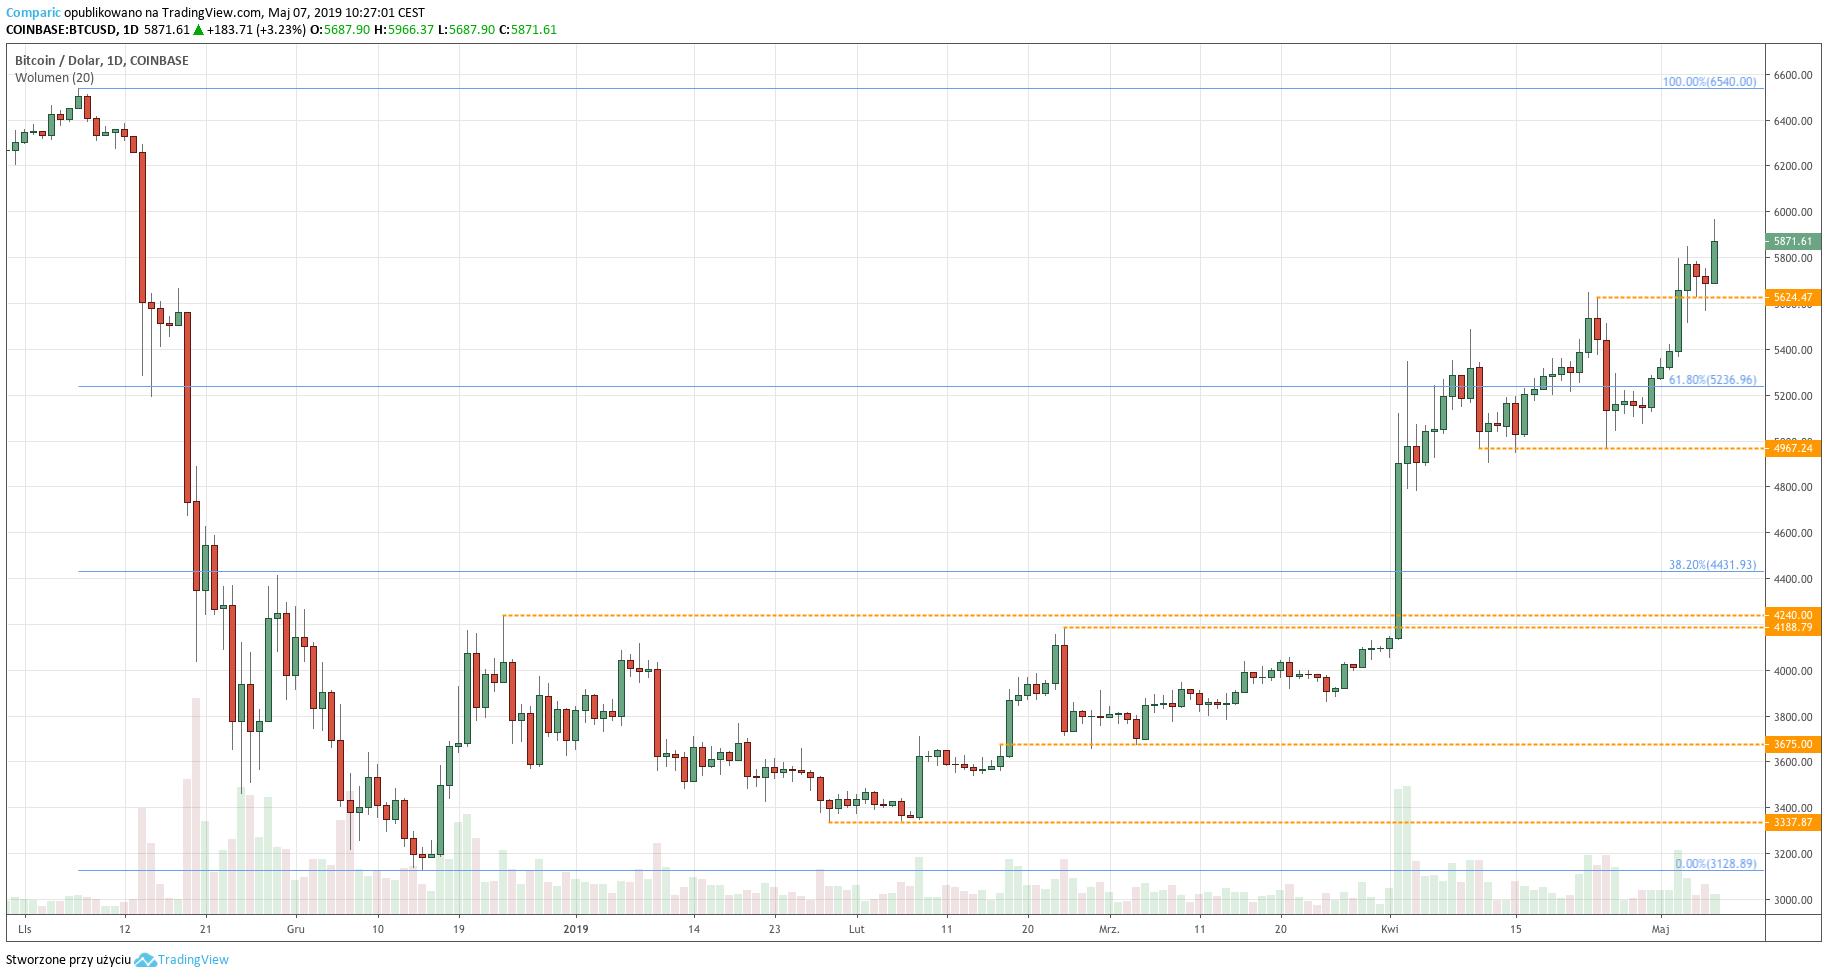 Kurs Bitcoina do dolara (BTC/USD) - wykres dzienny - 7 maja 2019